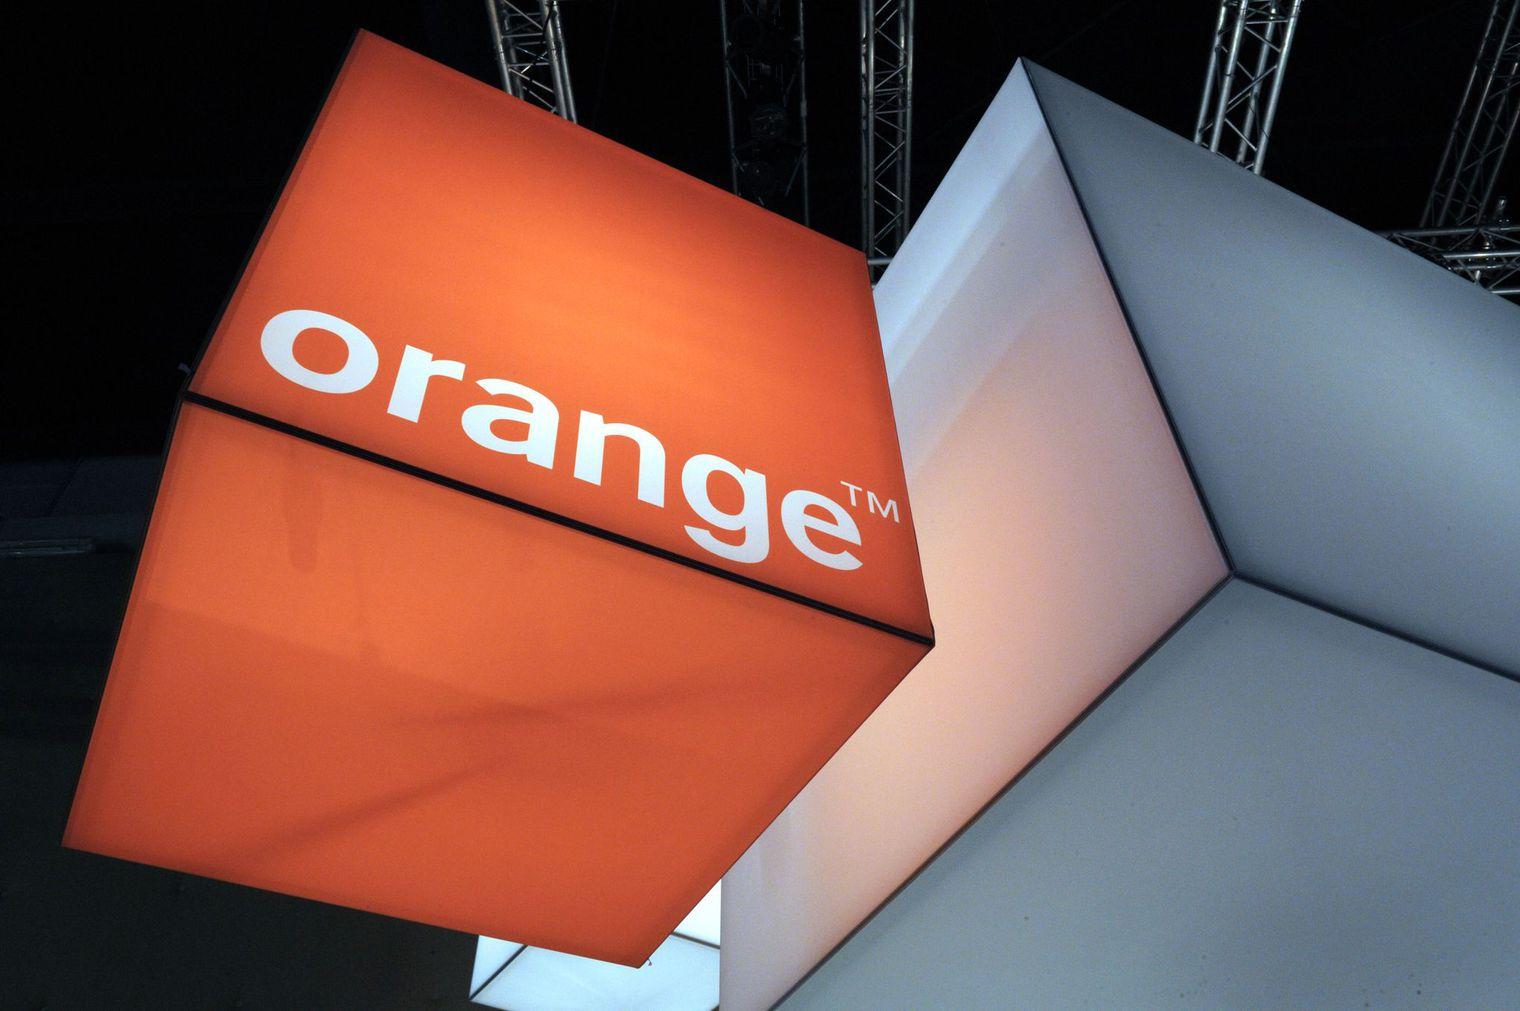 Fibre FTTH : Arcep cloue le bec à Orange, l'opérateur n'a pas d'exclusivité